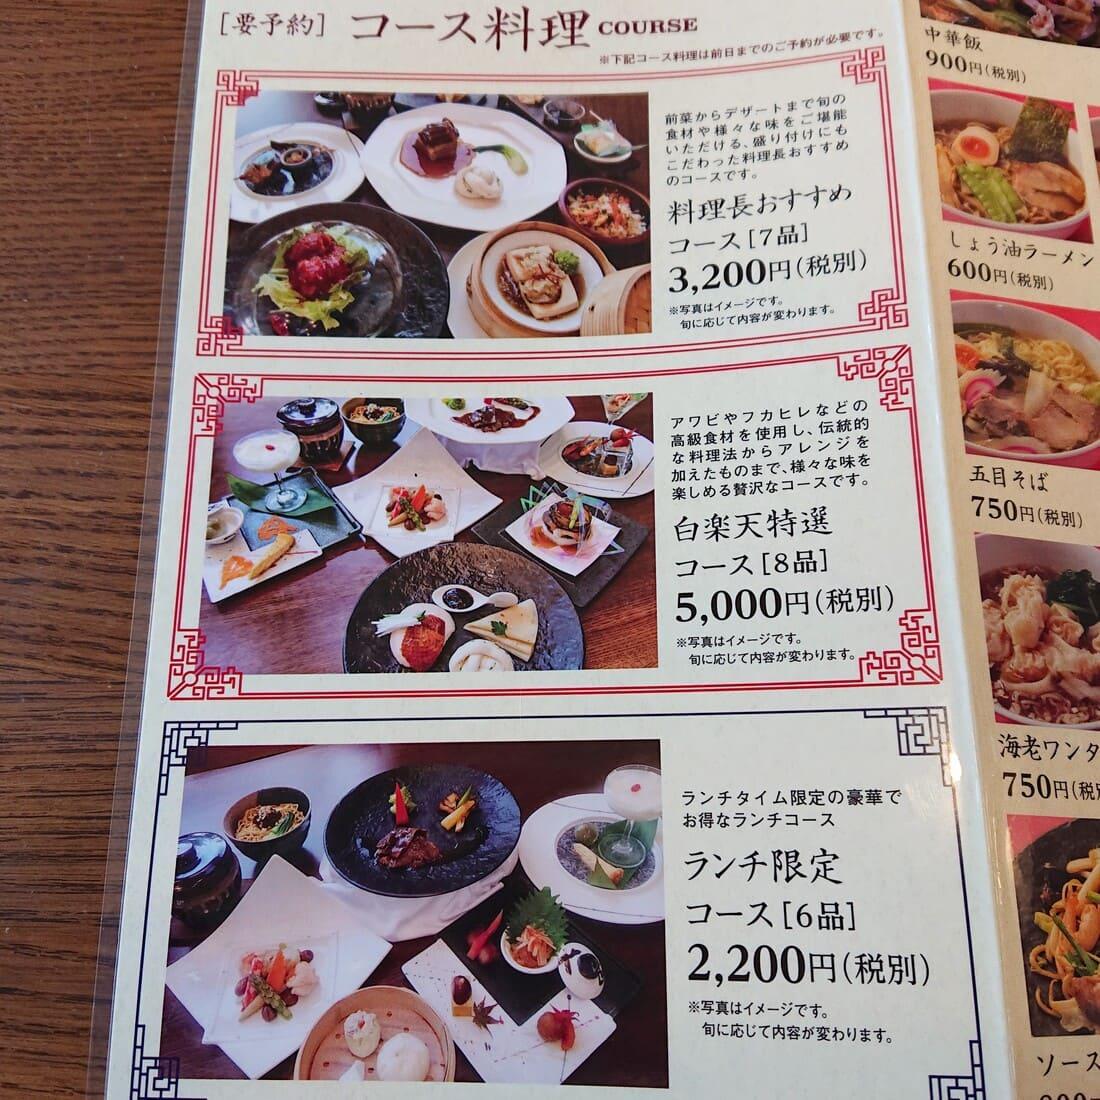 各コース料理の内容